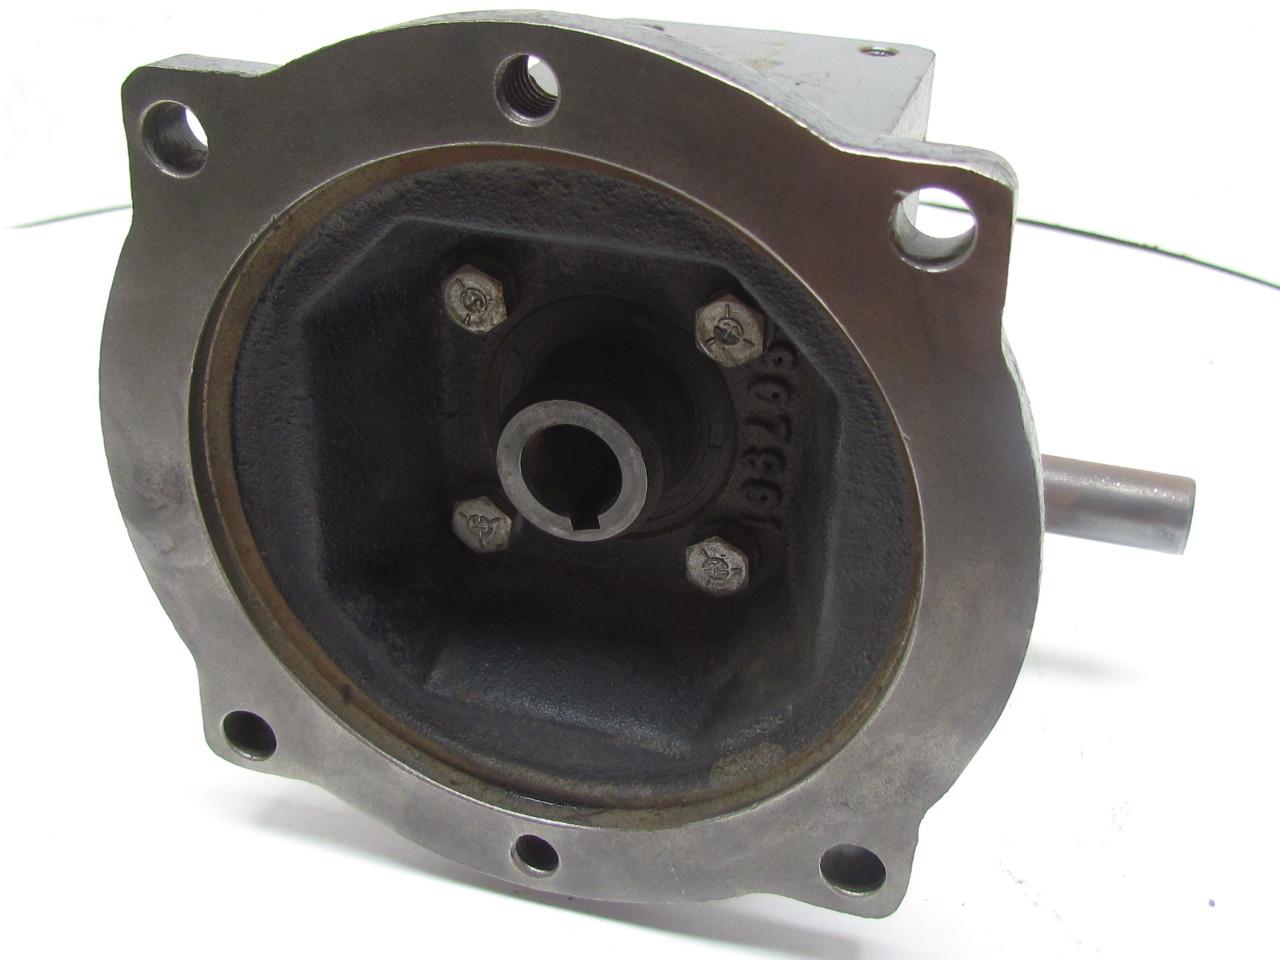 weg fire pump motor wiring diagram 2001 ford f250 super duty w22 a o smith motors